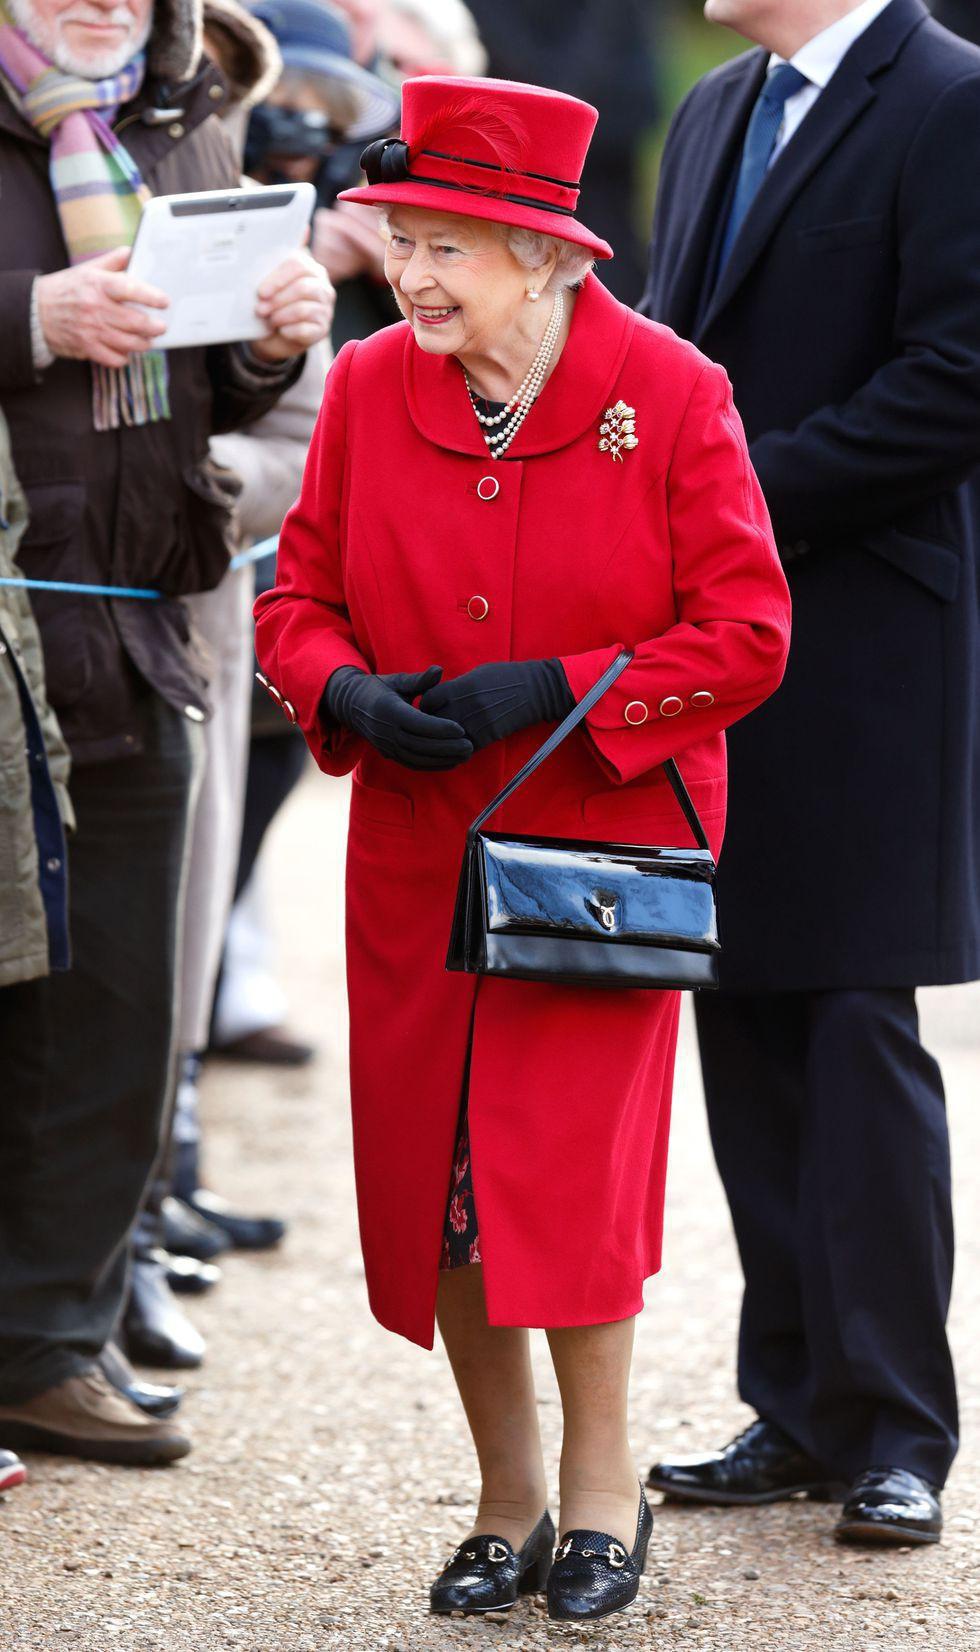 Ngoài gu diện đồ sặc sỡ, Nữ hoàng Anh còn có 5 bí mật làm nên phong cách thời trang không thể trộn lẫn - Ảnh 2.